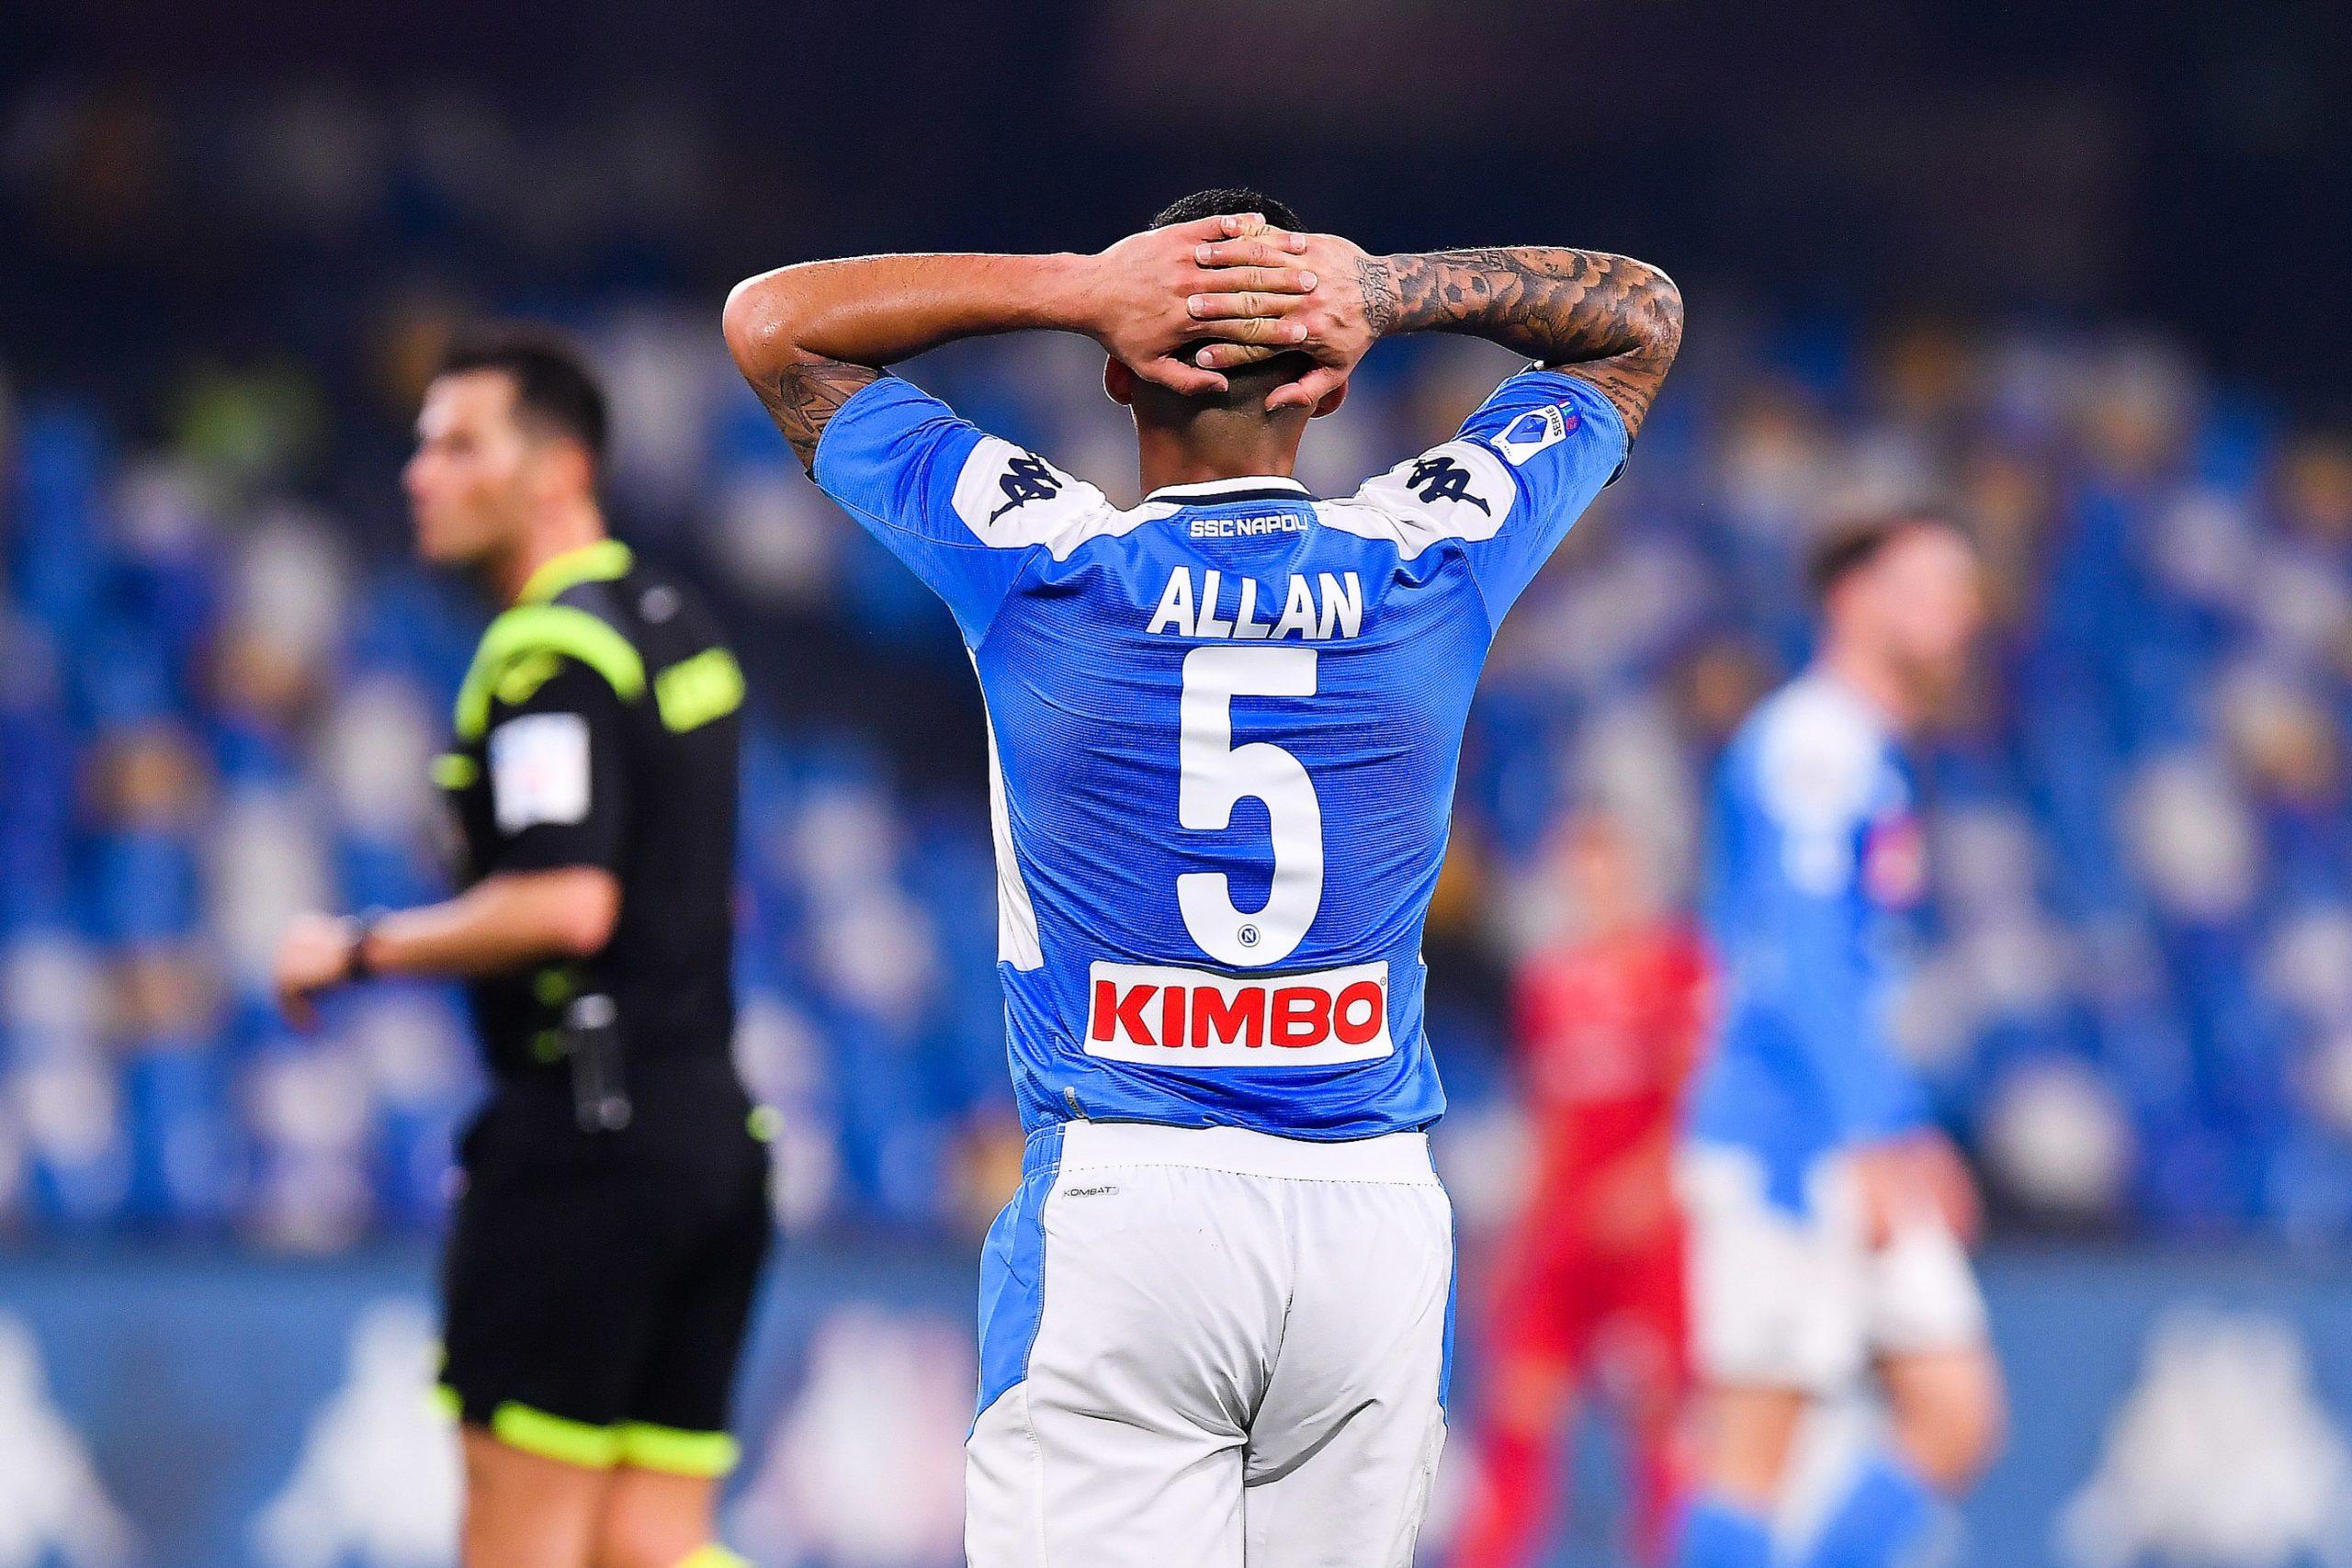 Mercato - Allan pourrait se diriger vers Everton ou le PSG